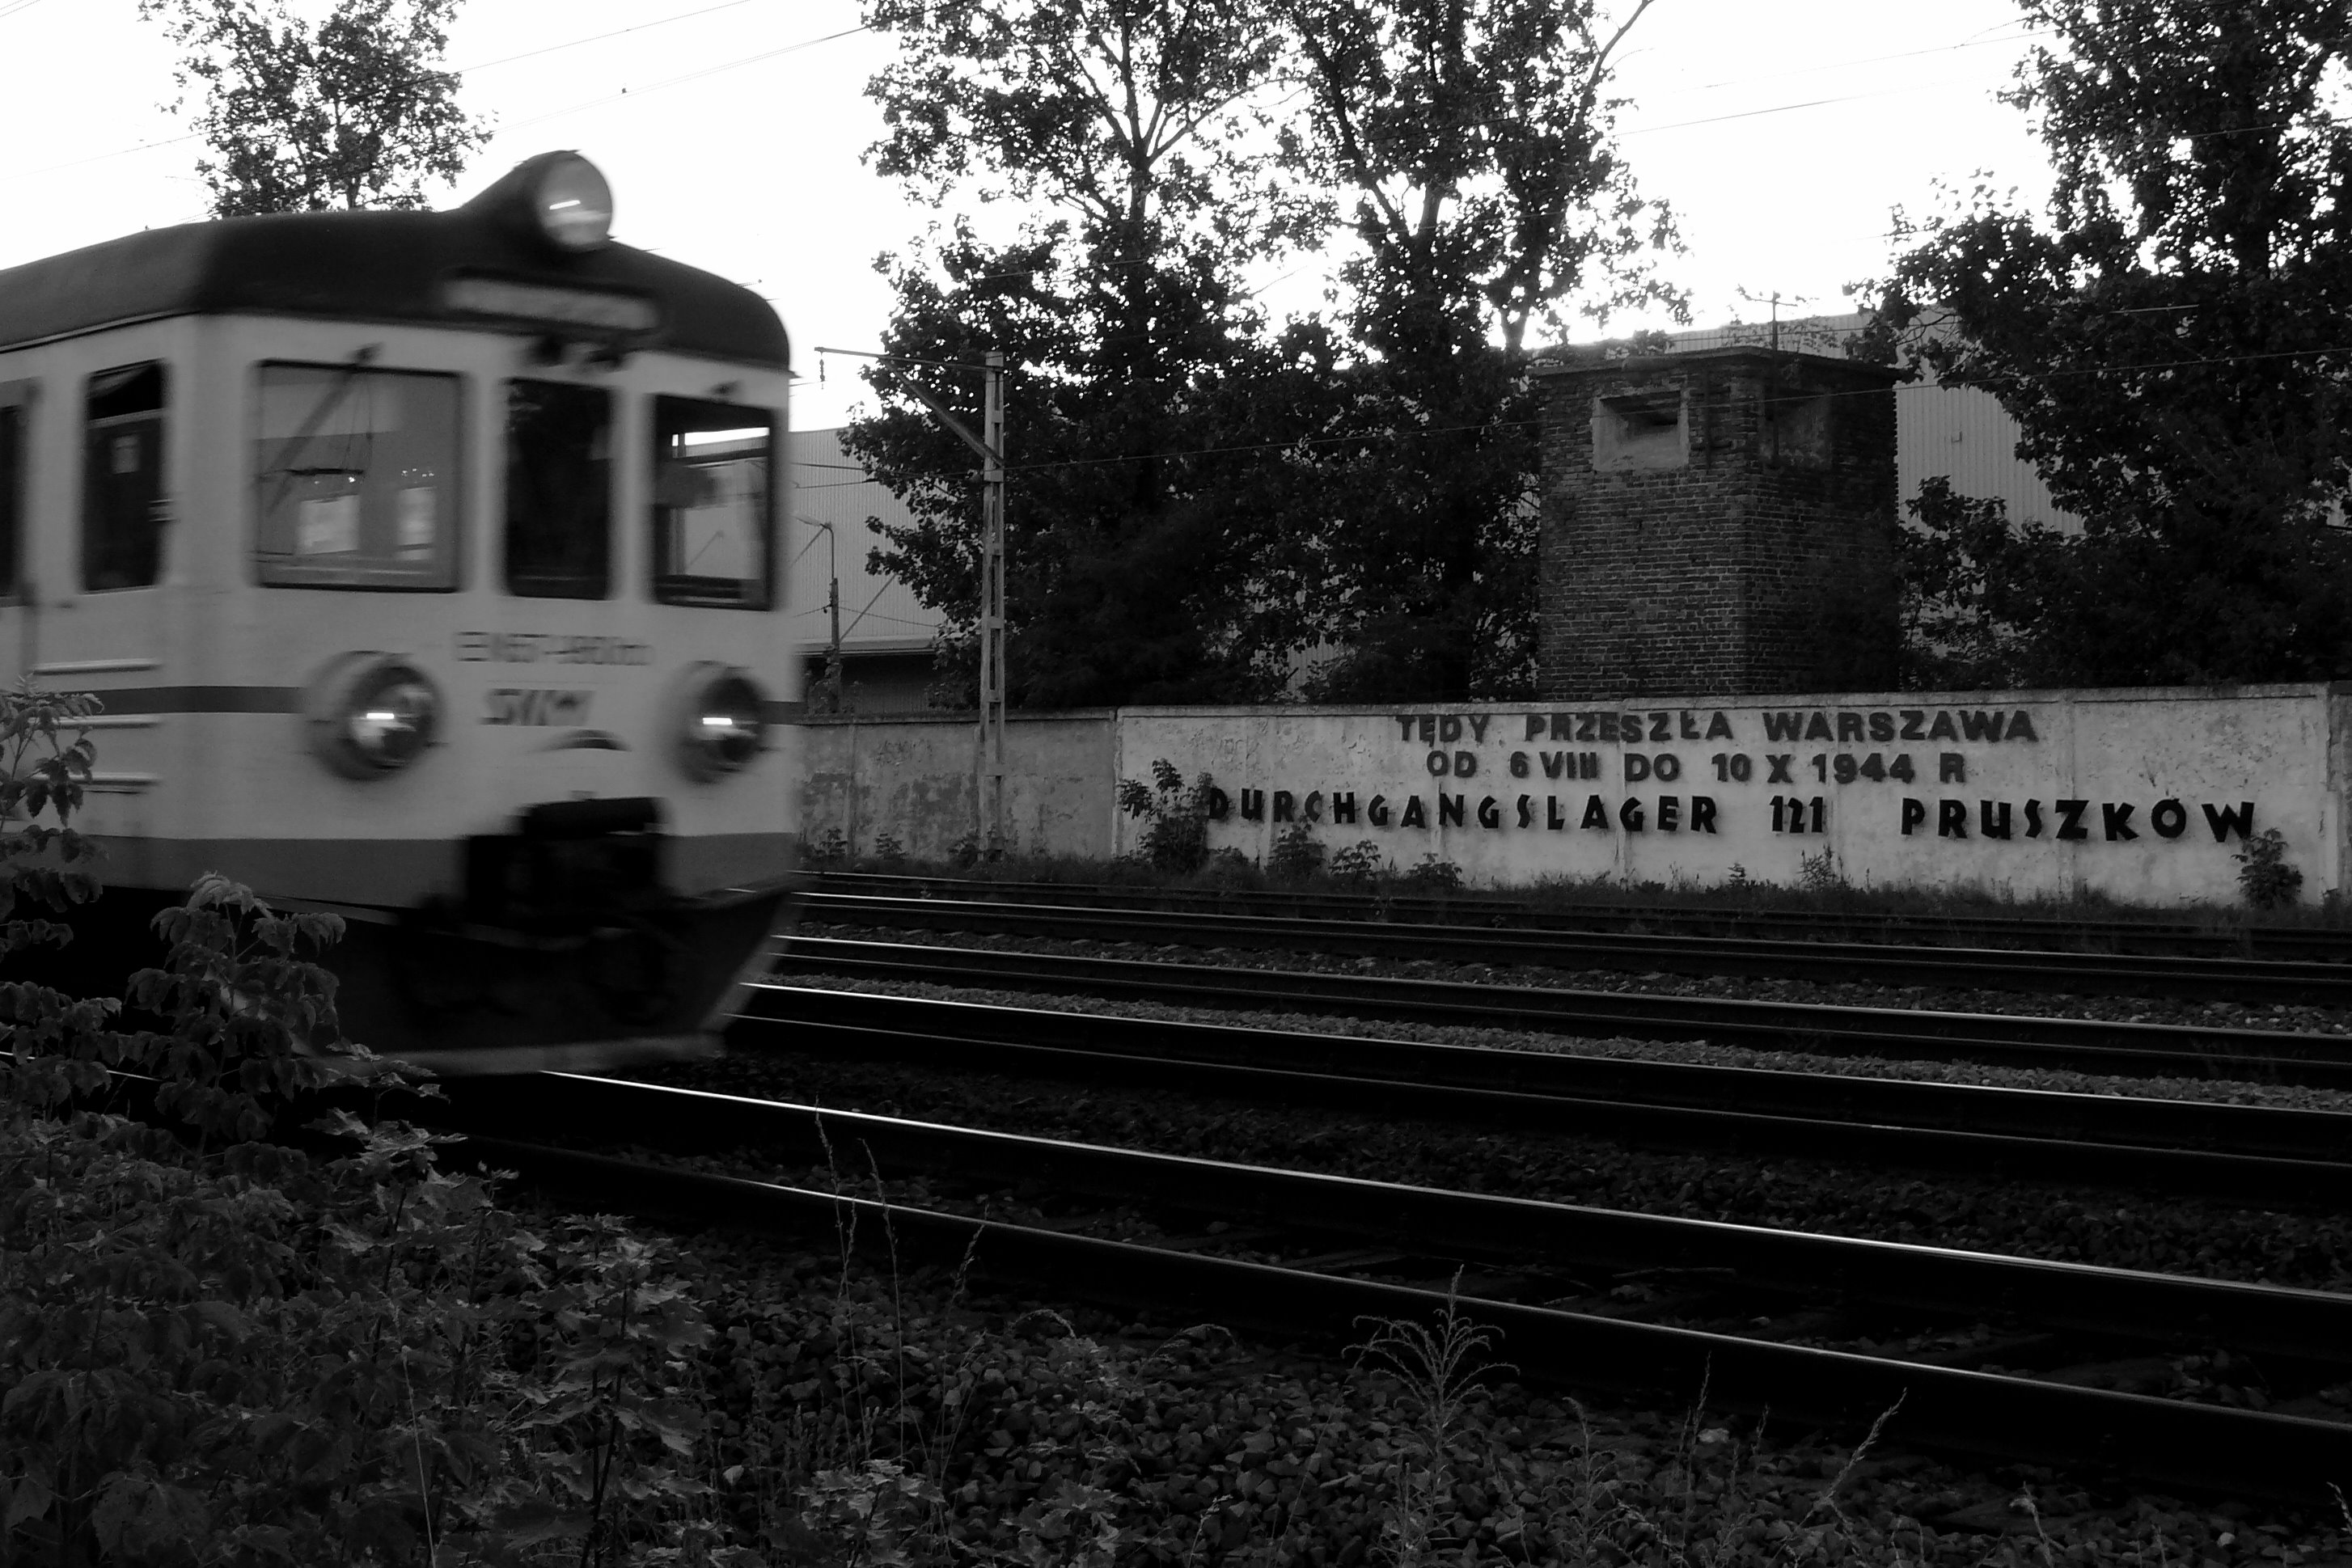 Tędy Przeszła Warszawa